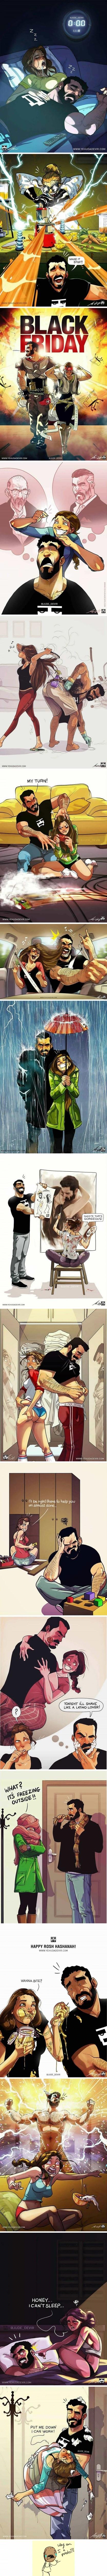 artista israeli que ilustra la vida con su pareja como si fuera un comic